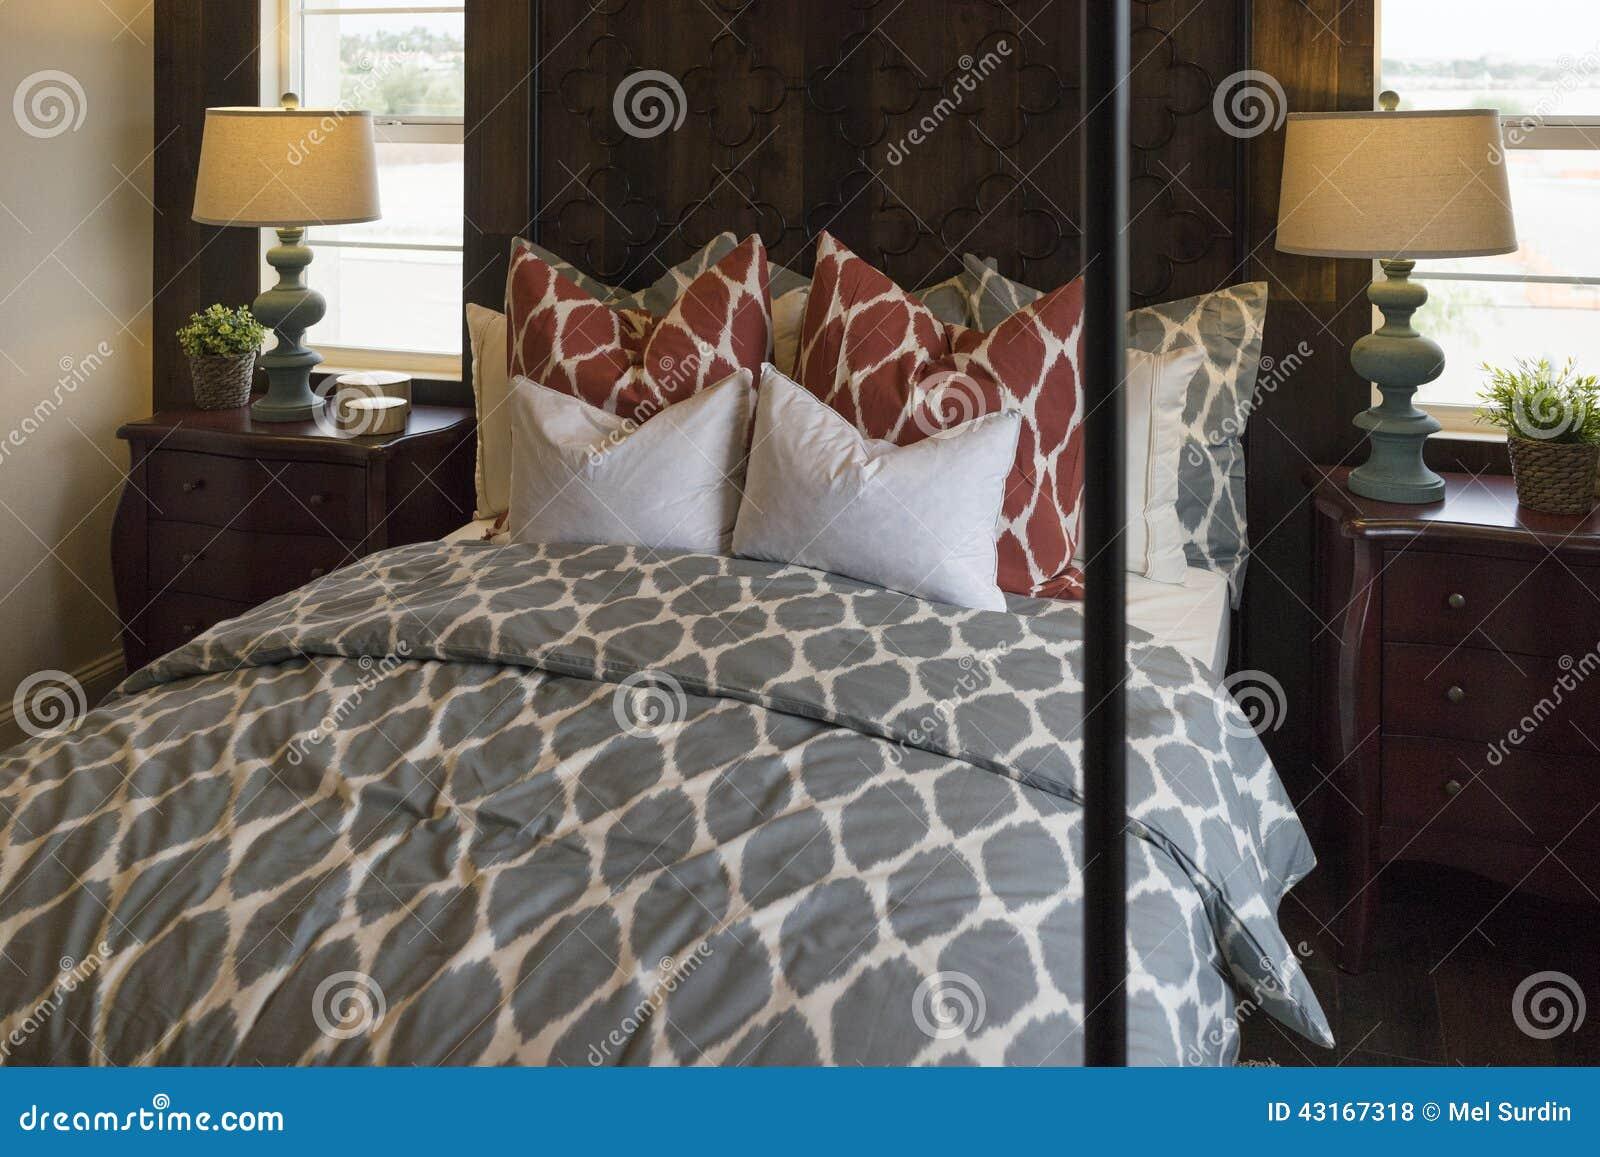 Chambre coucher de maison mod le photo stock image for Des modeles de chambre a coucher